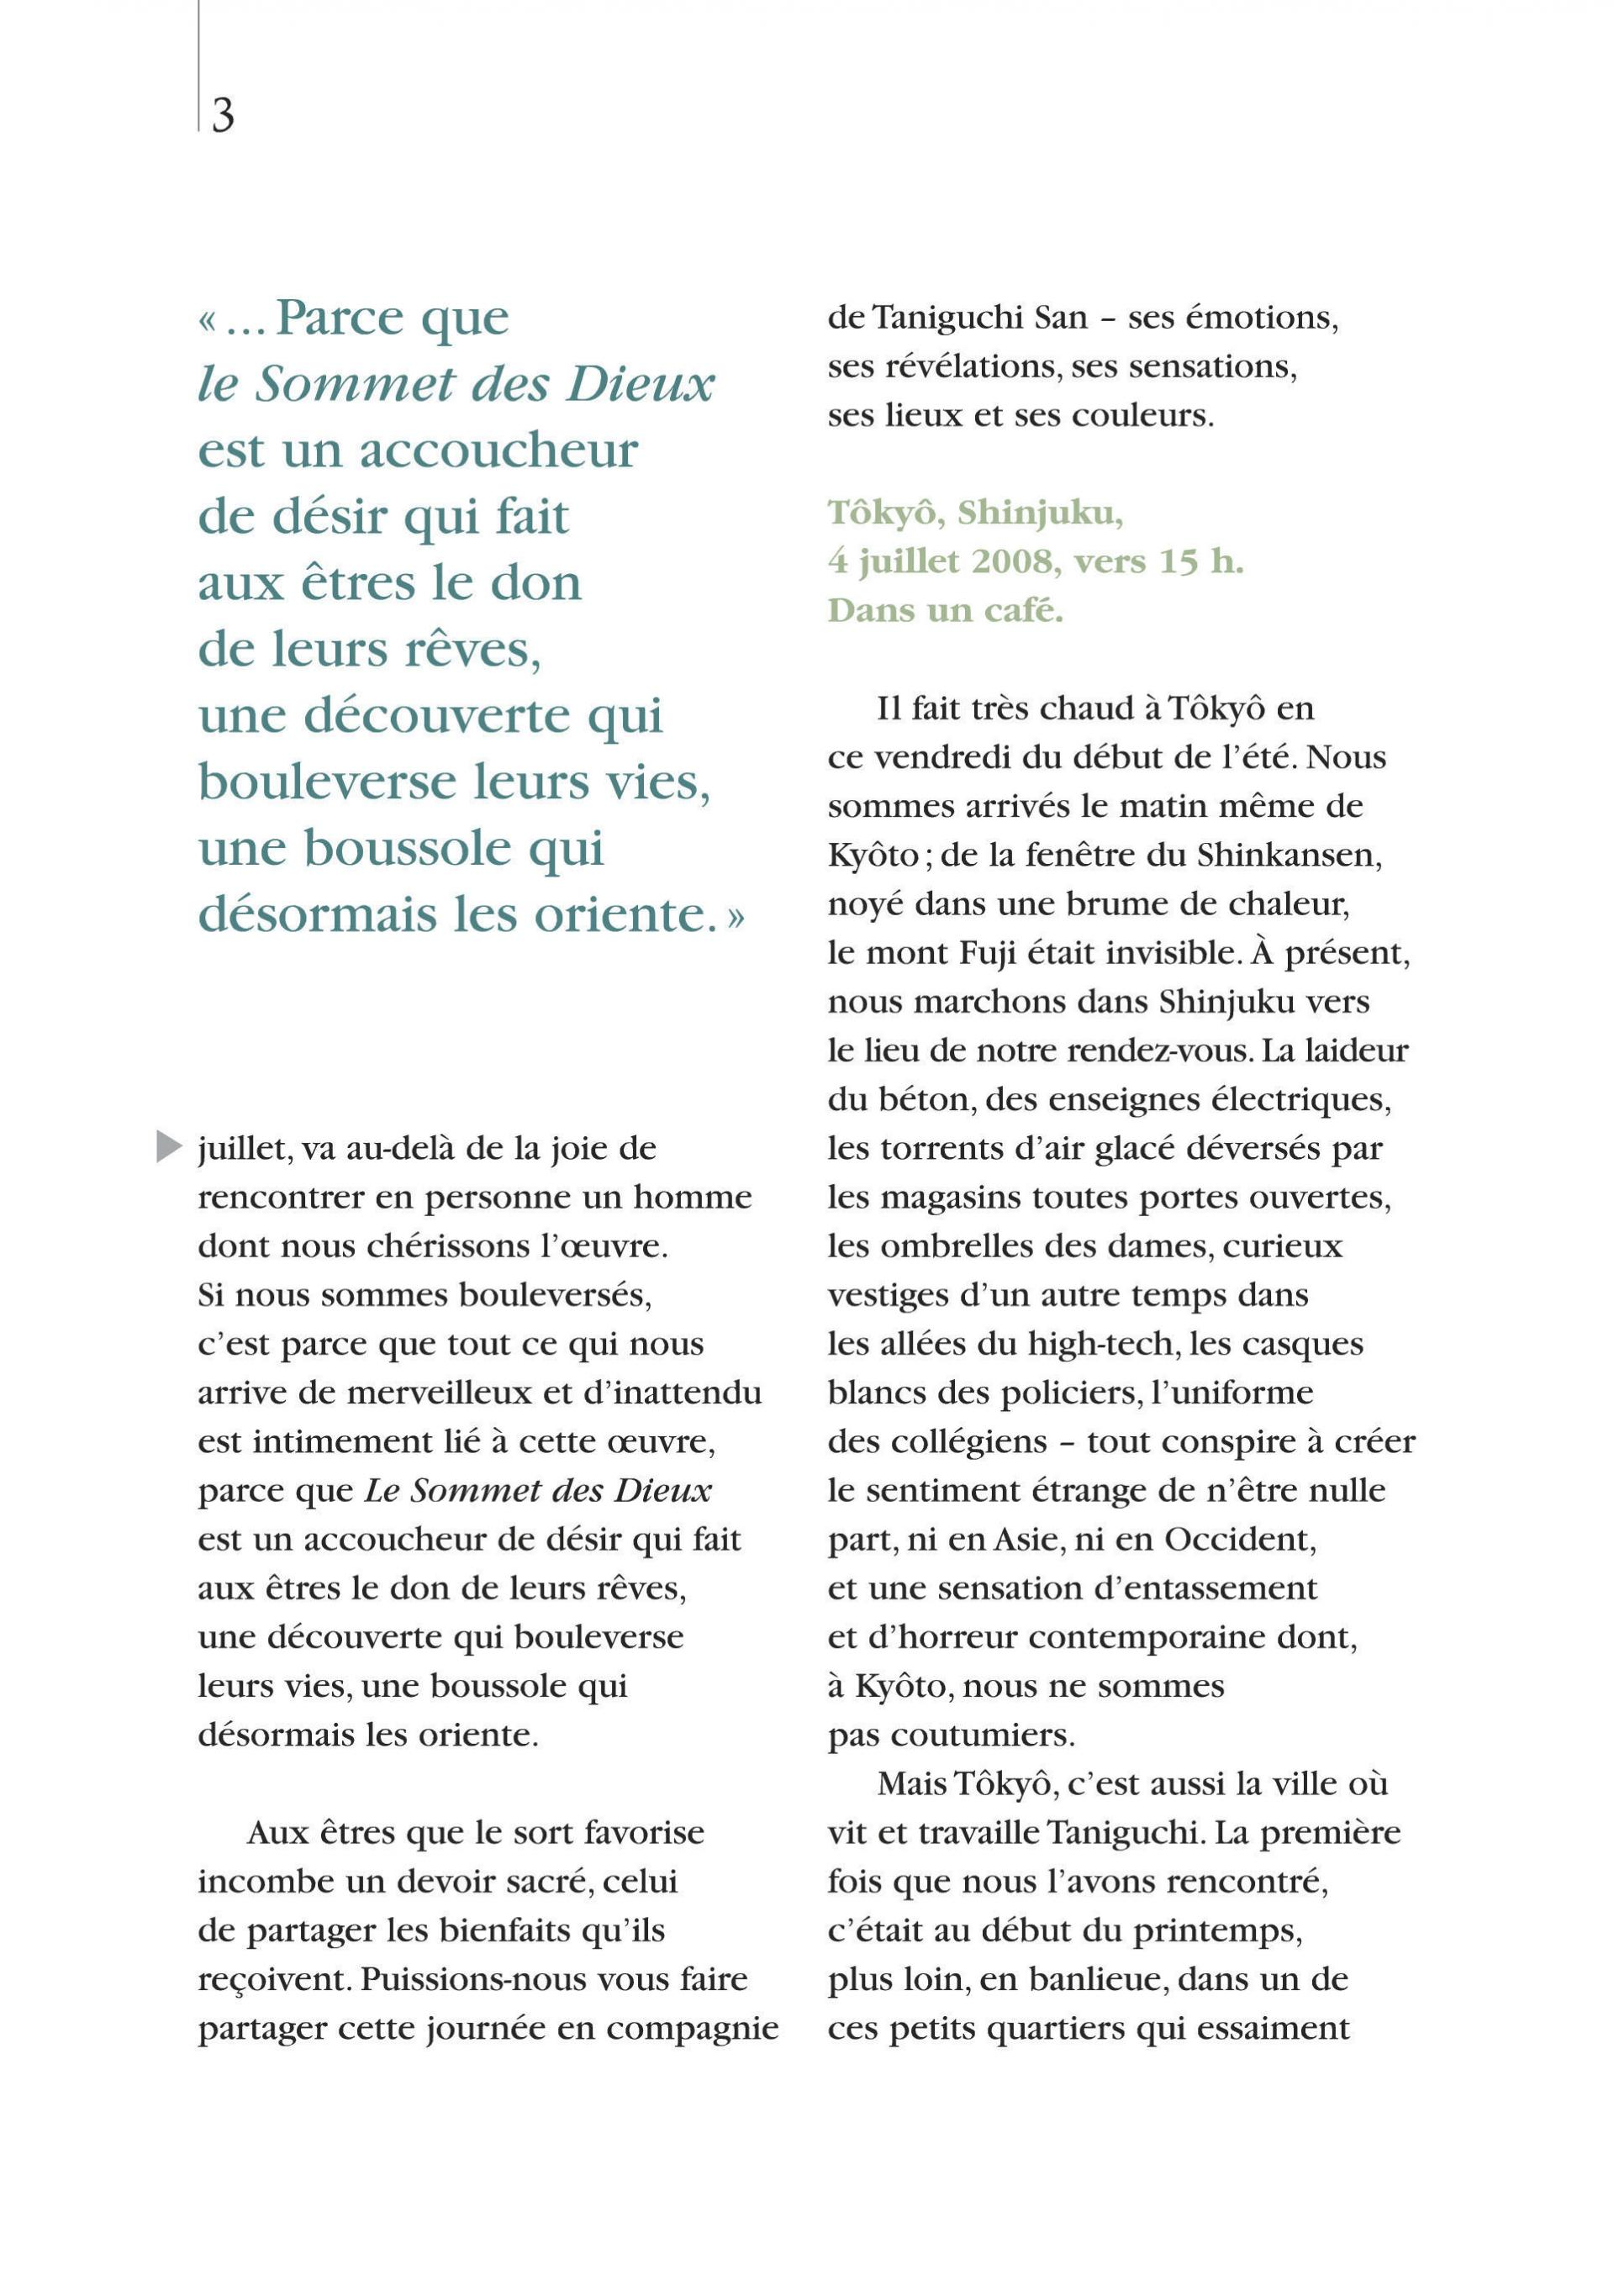 Le Sommet des Dieux T1 (Version cartonnée)